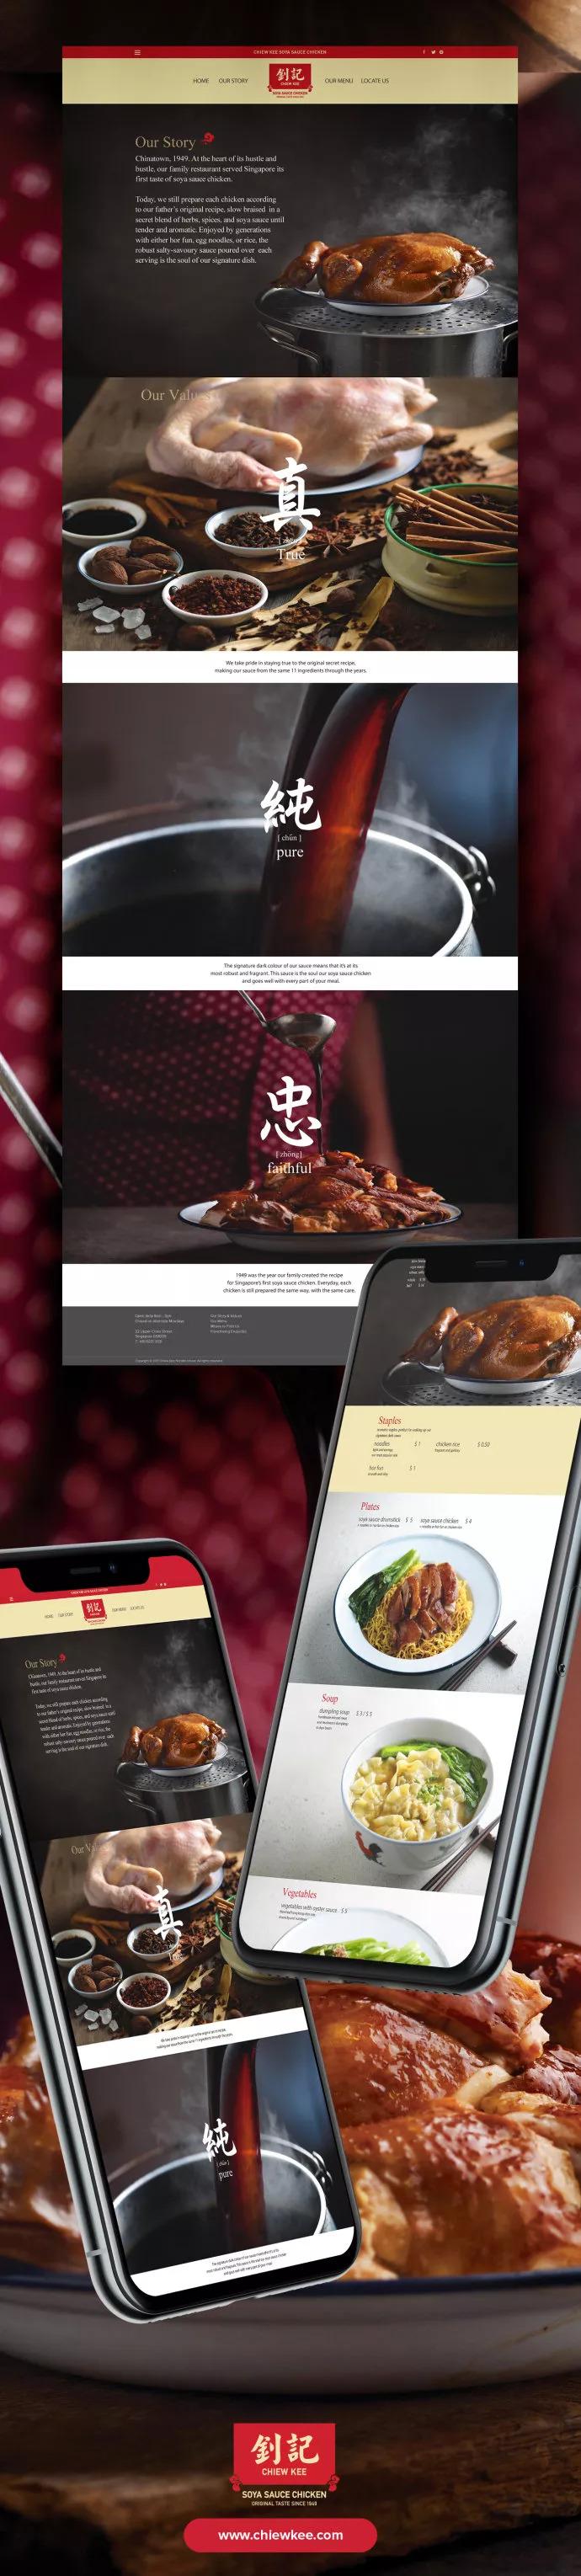 新加坡钊记油鸡面品牌设计